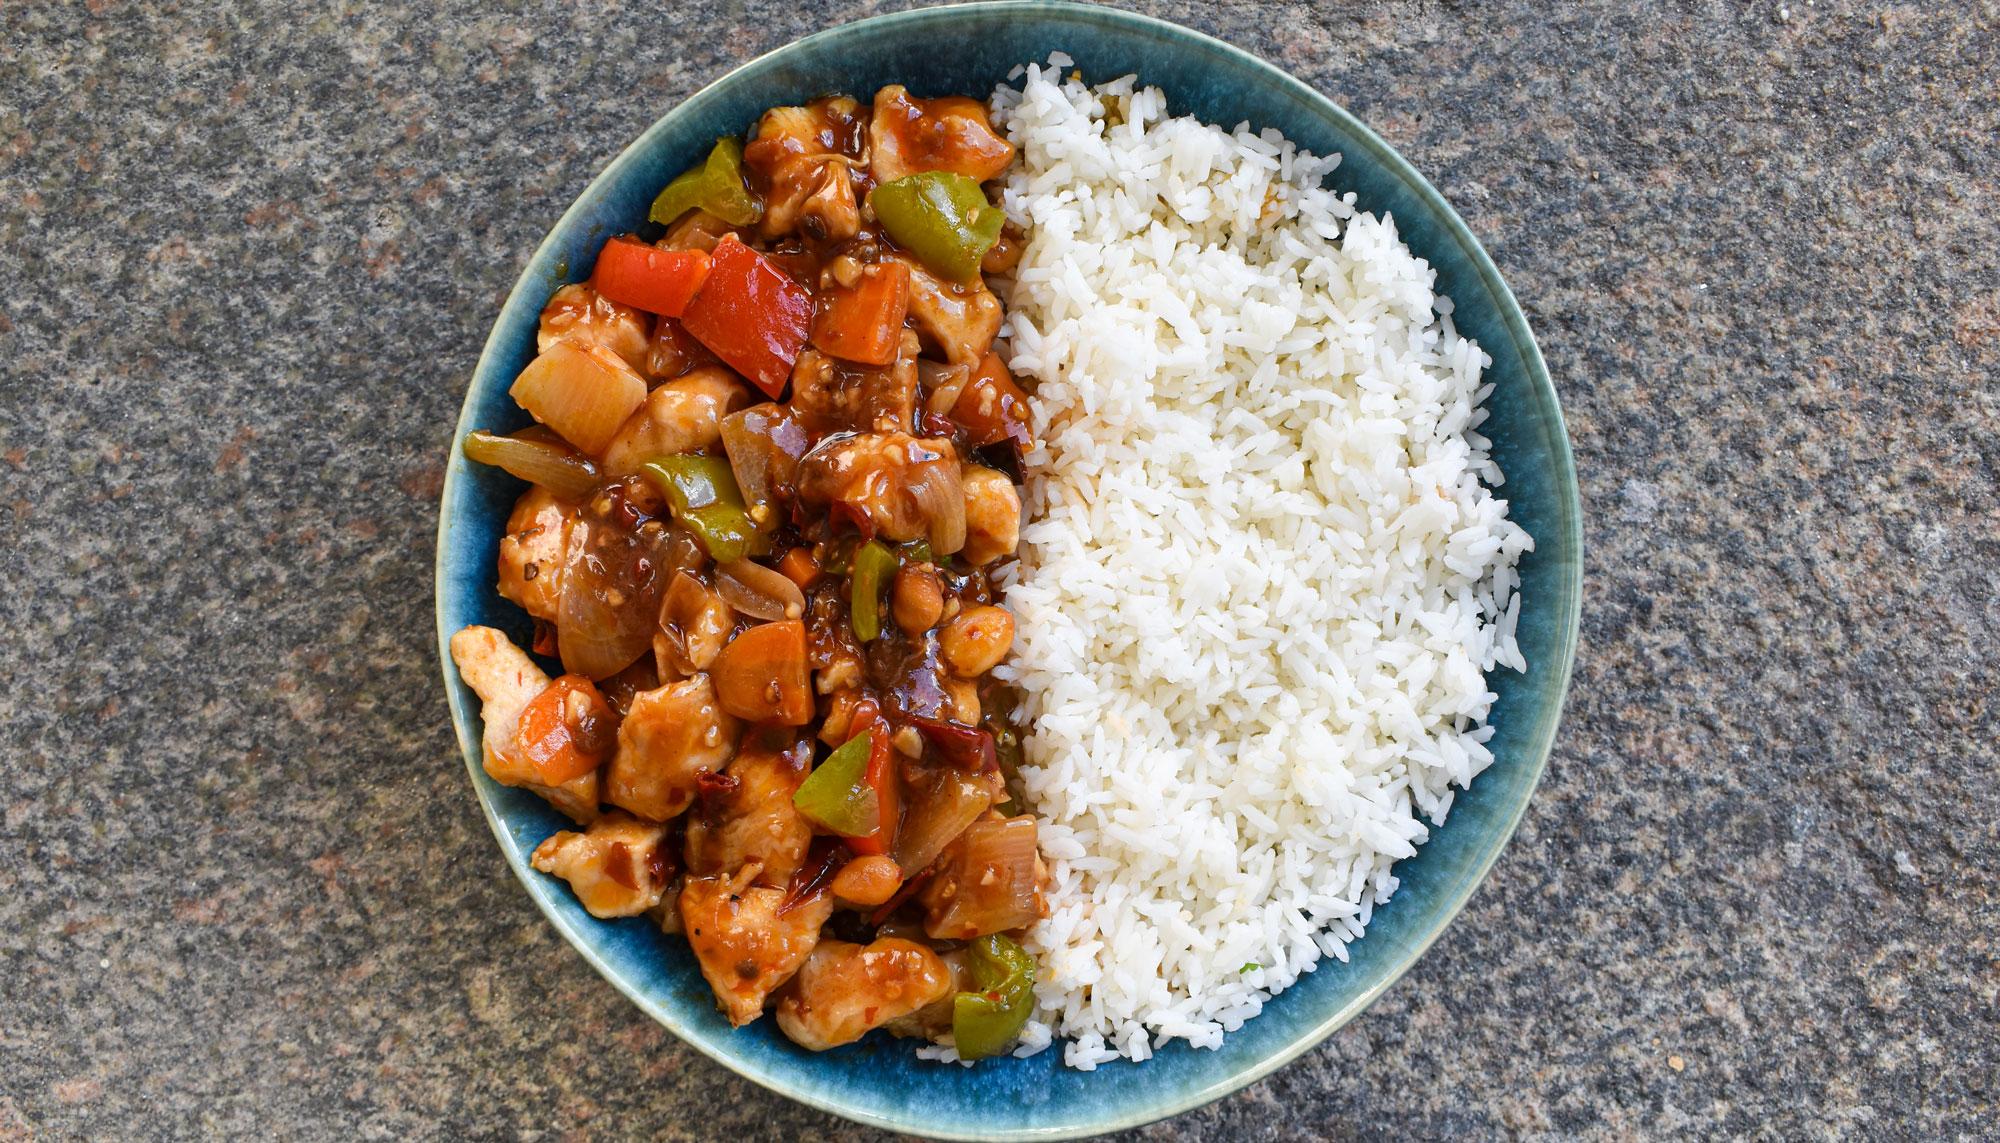 Bliv mæt for 70 kr.: Få nem og billig aftensmad med vores Asian Week